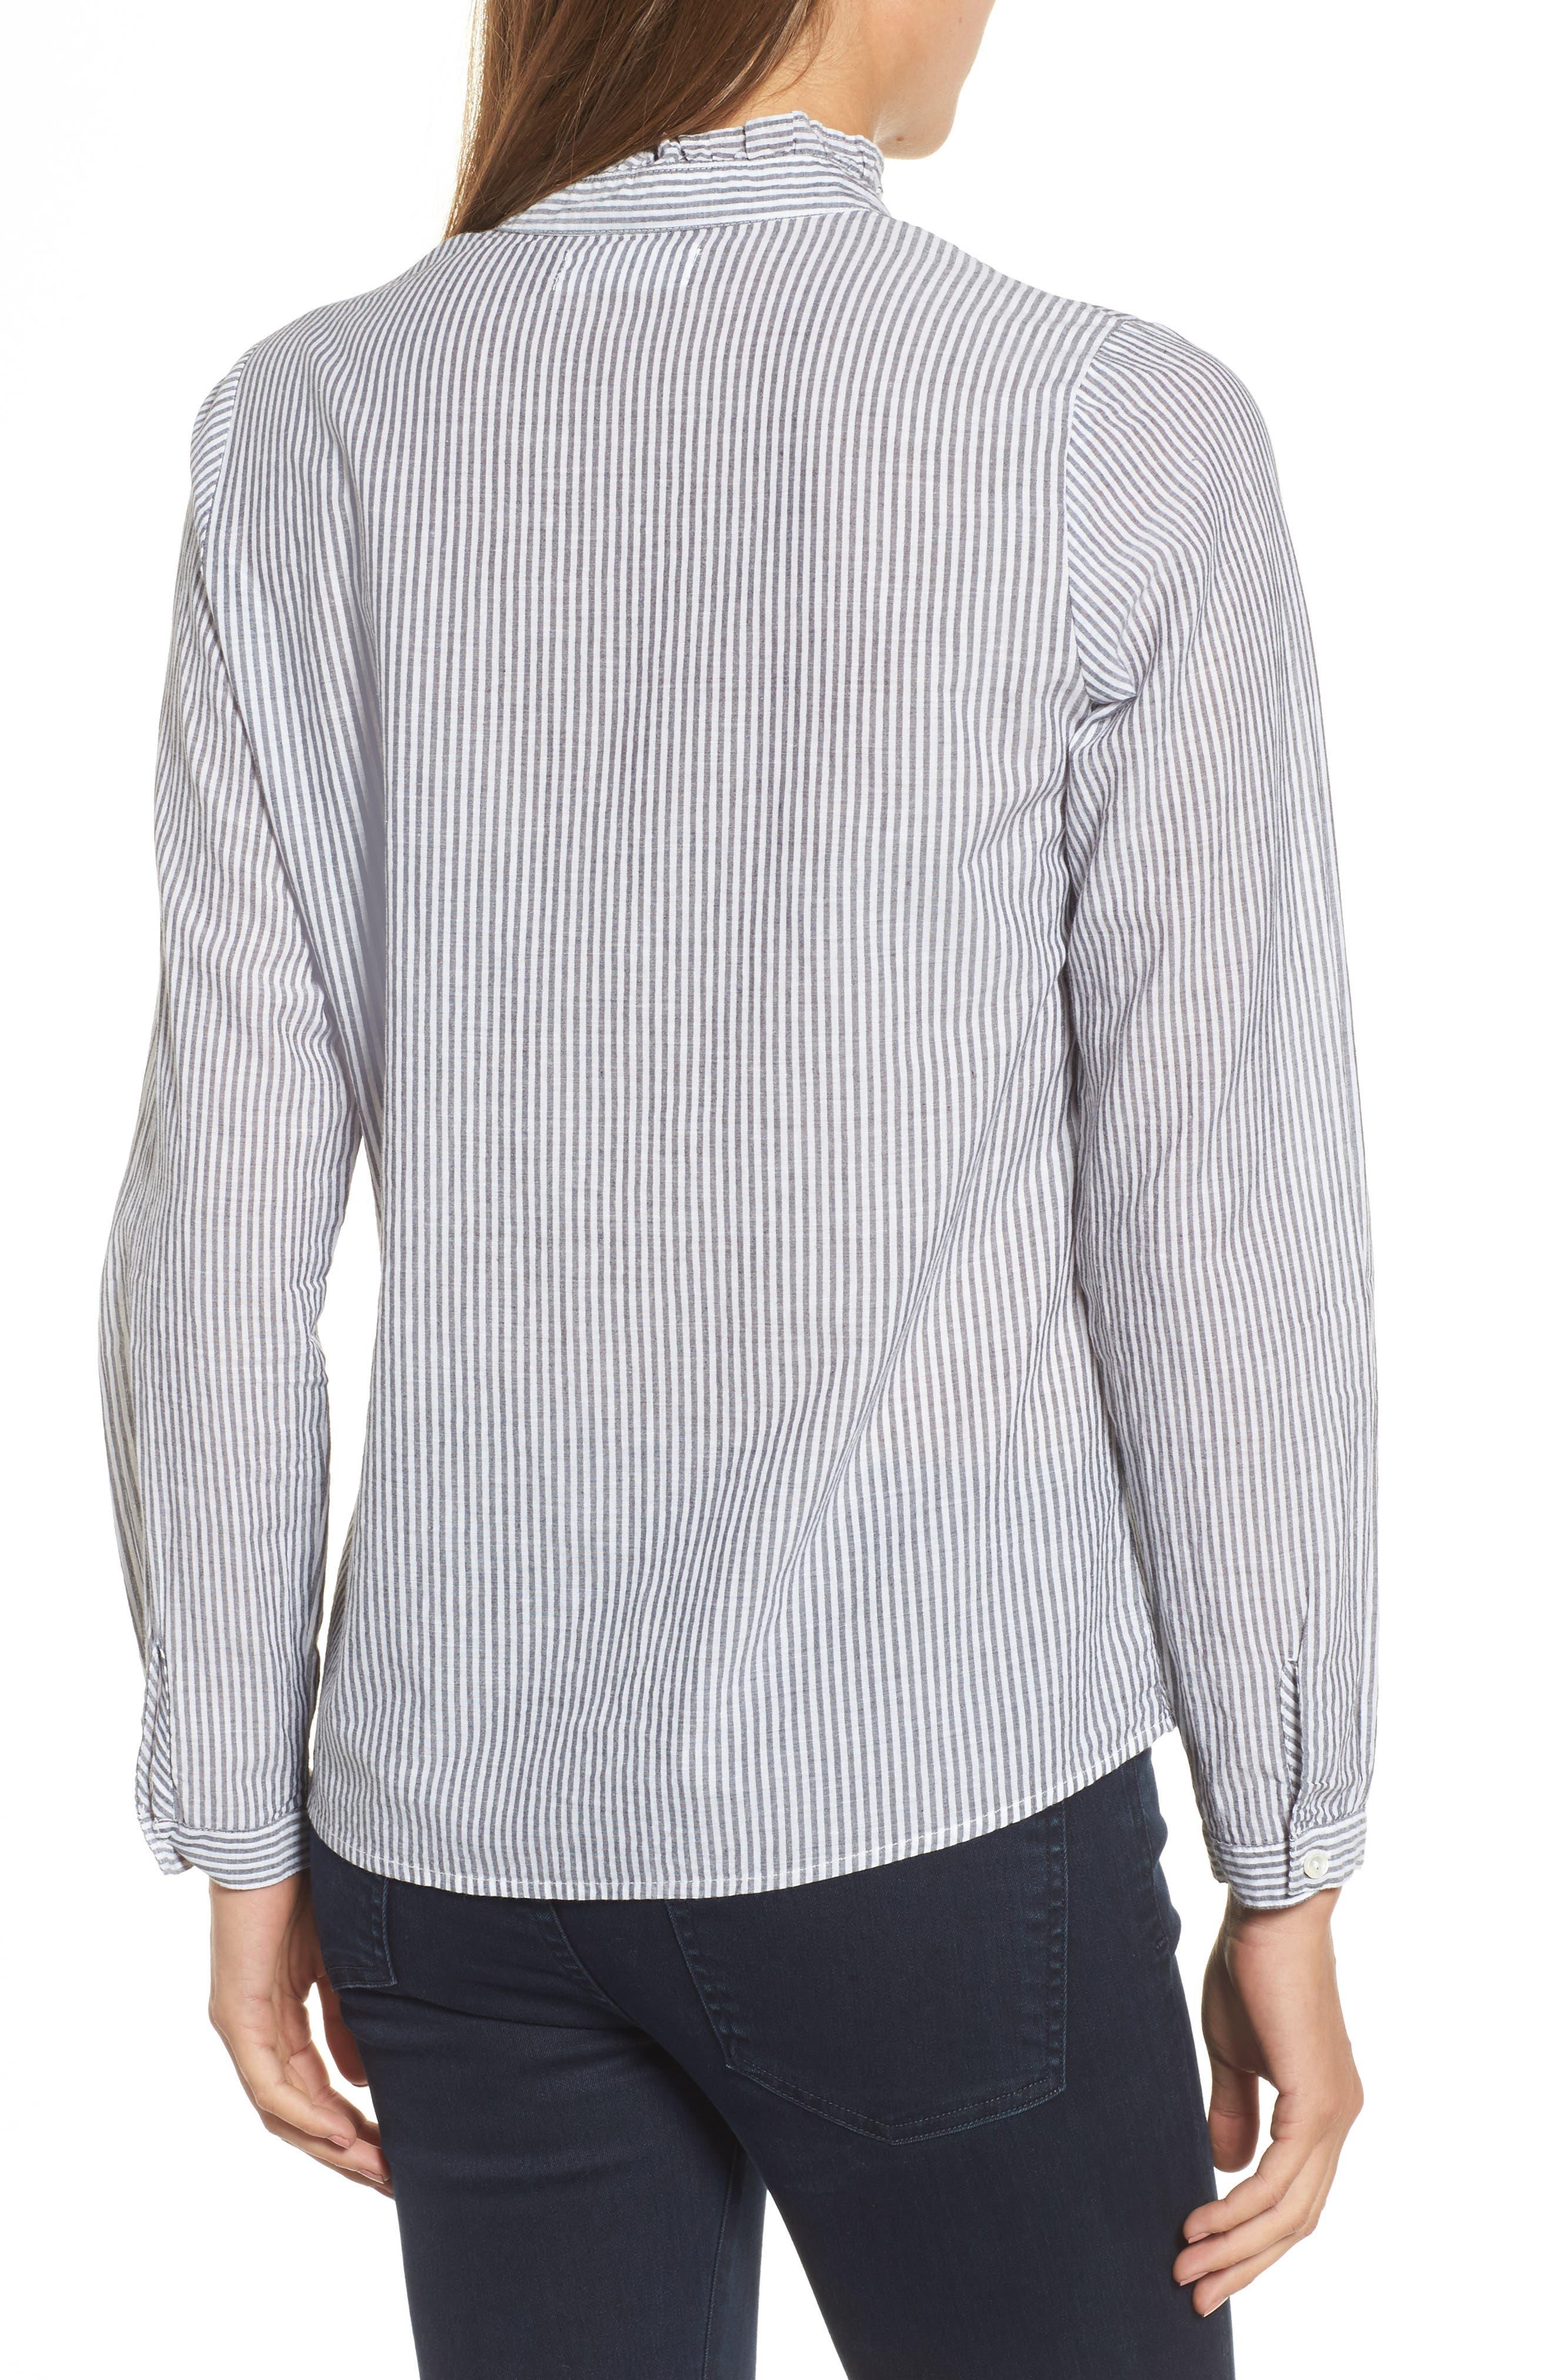 Alternate Image 2  - Velvet Embroidered Stripe Shirt